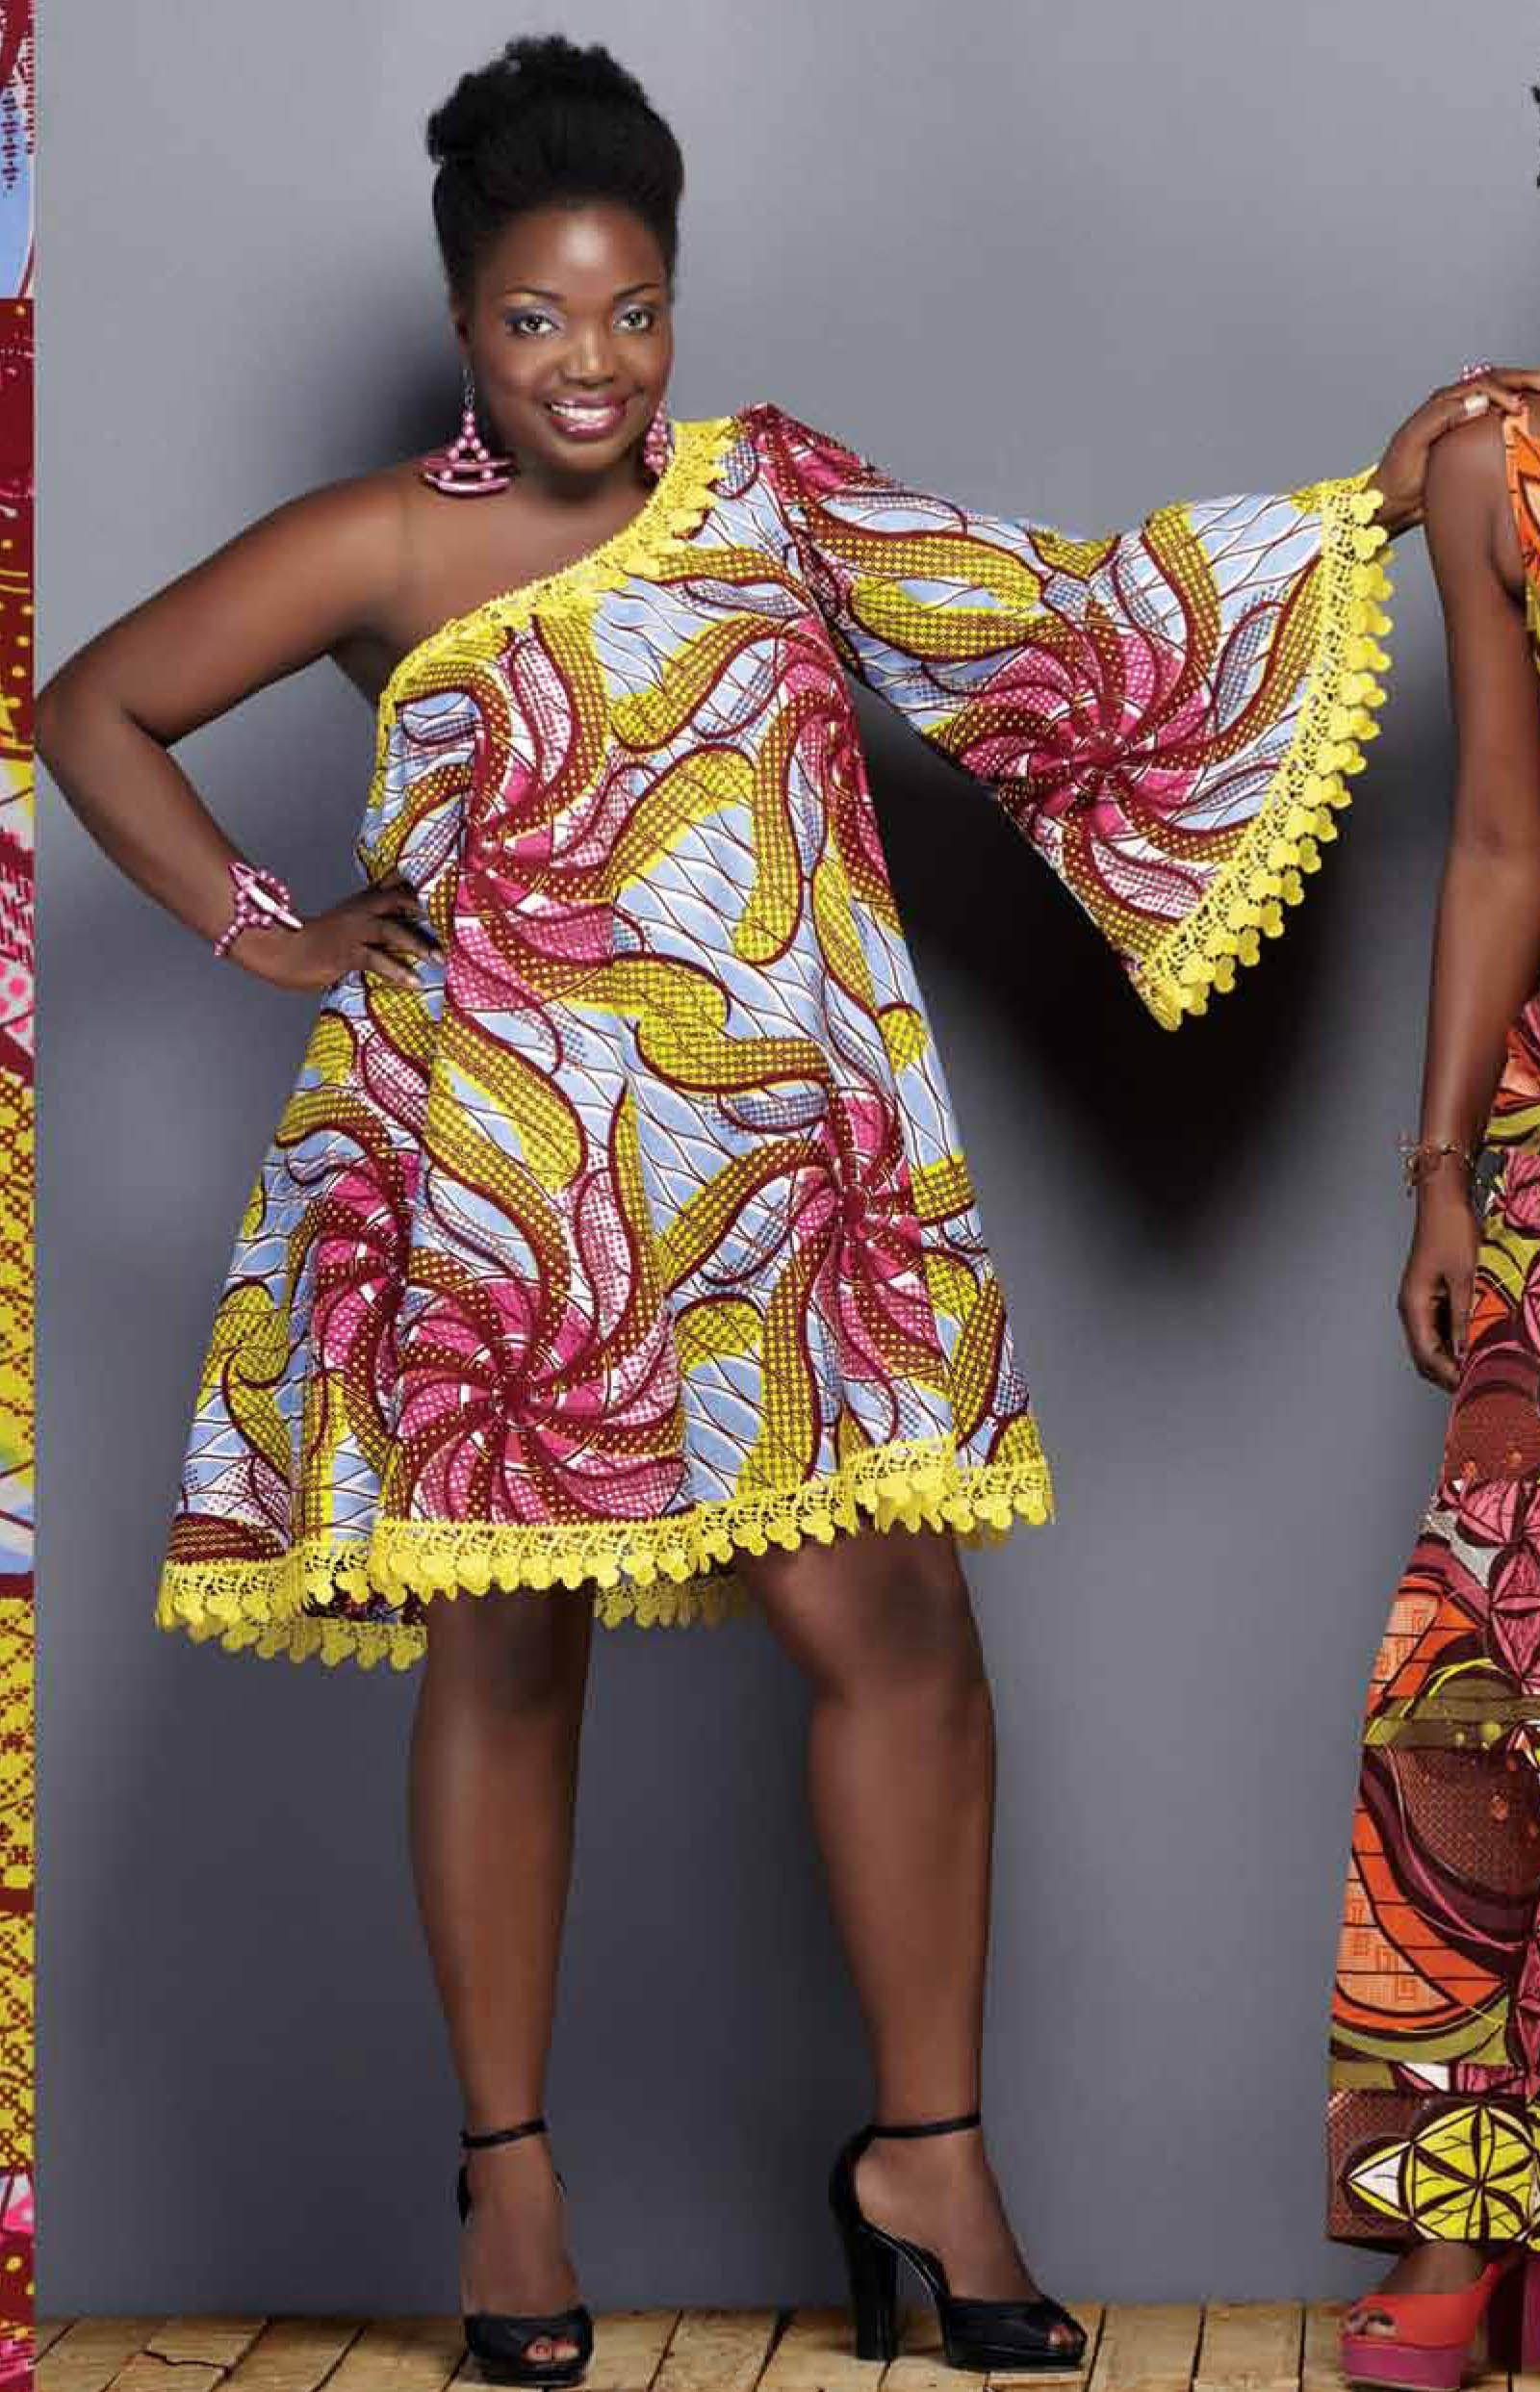 UNIWAX Magazine Wax fashion Mode Africaine GisèleBolaty